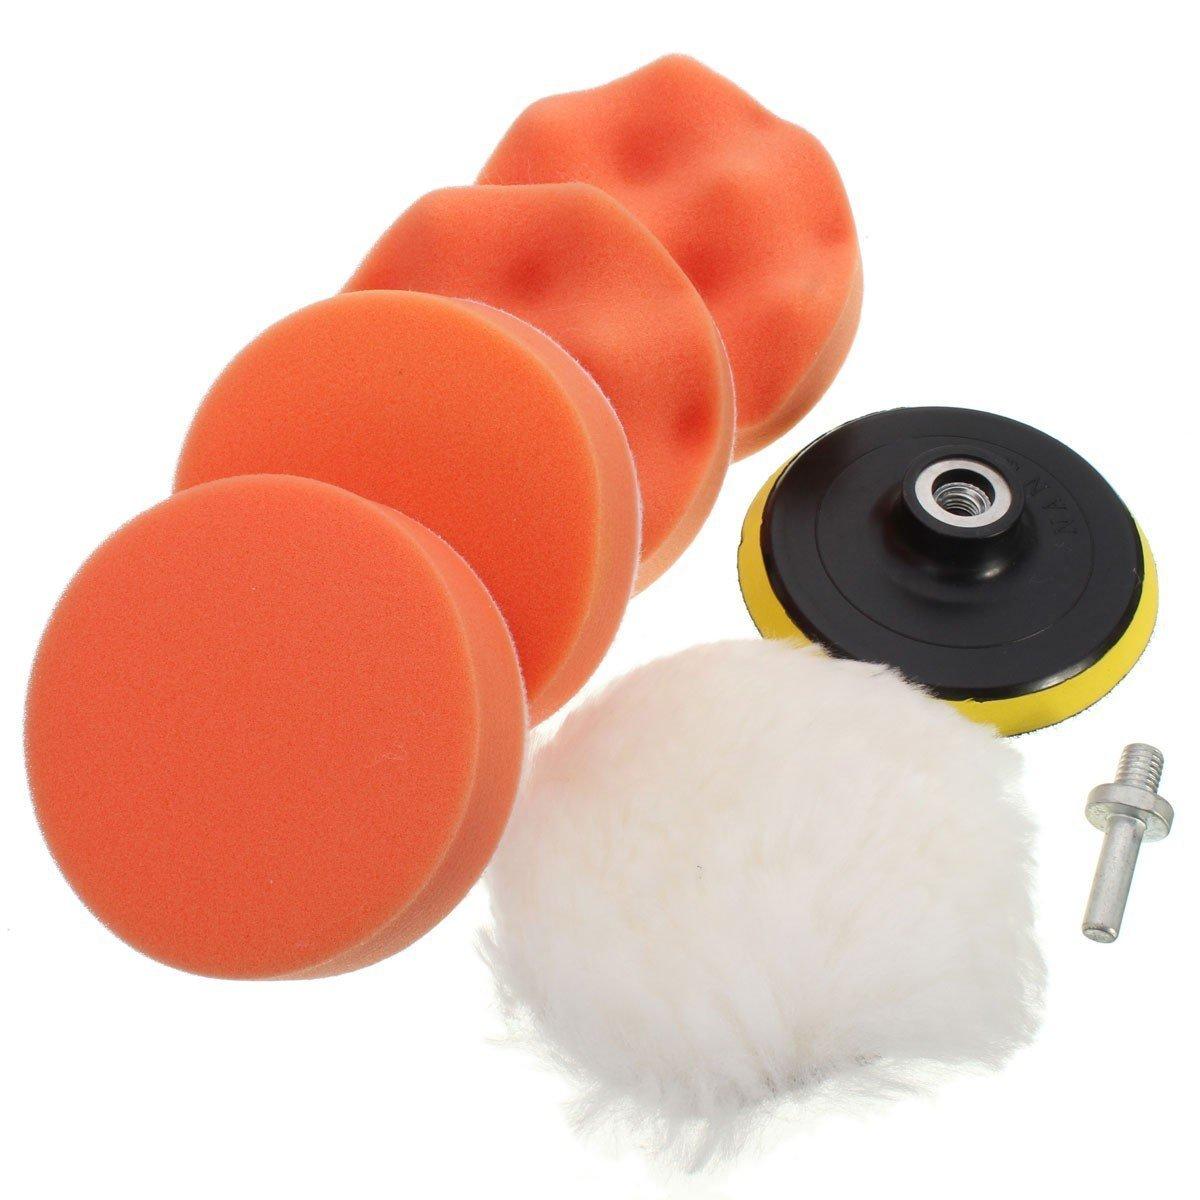 Kit Pulido de Esponja Pulidora del coche de Pintura Limpio, GZQES, Bruto Pulido Kit con Adaptador de Taladro para Coche, Accesorios para Lijado y Pulido (7 inch)